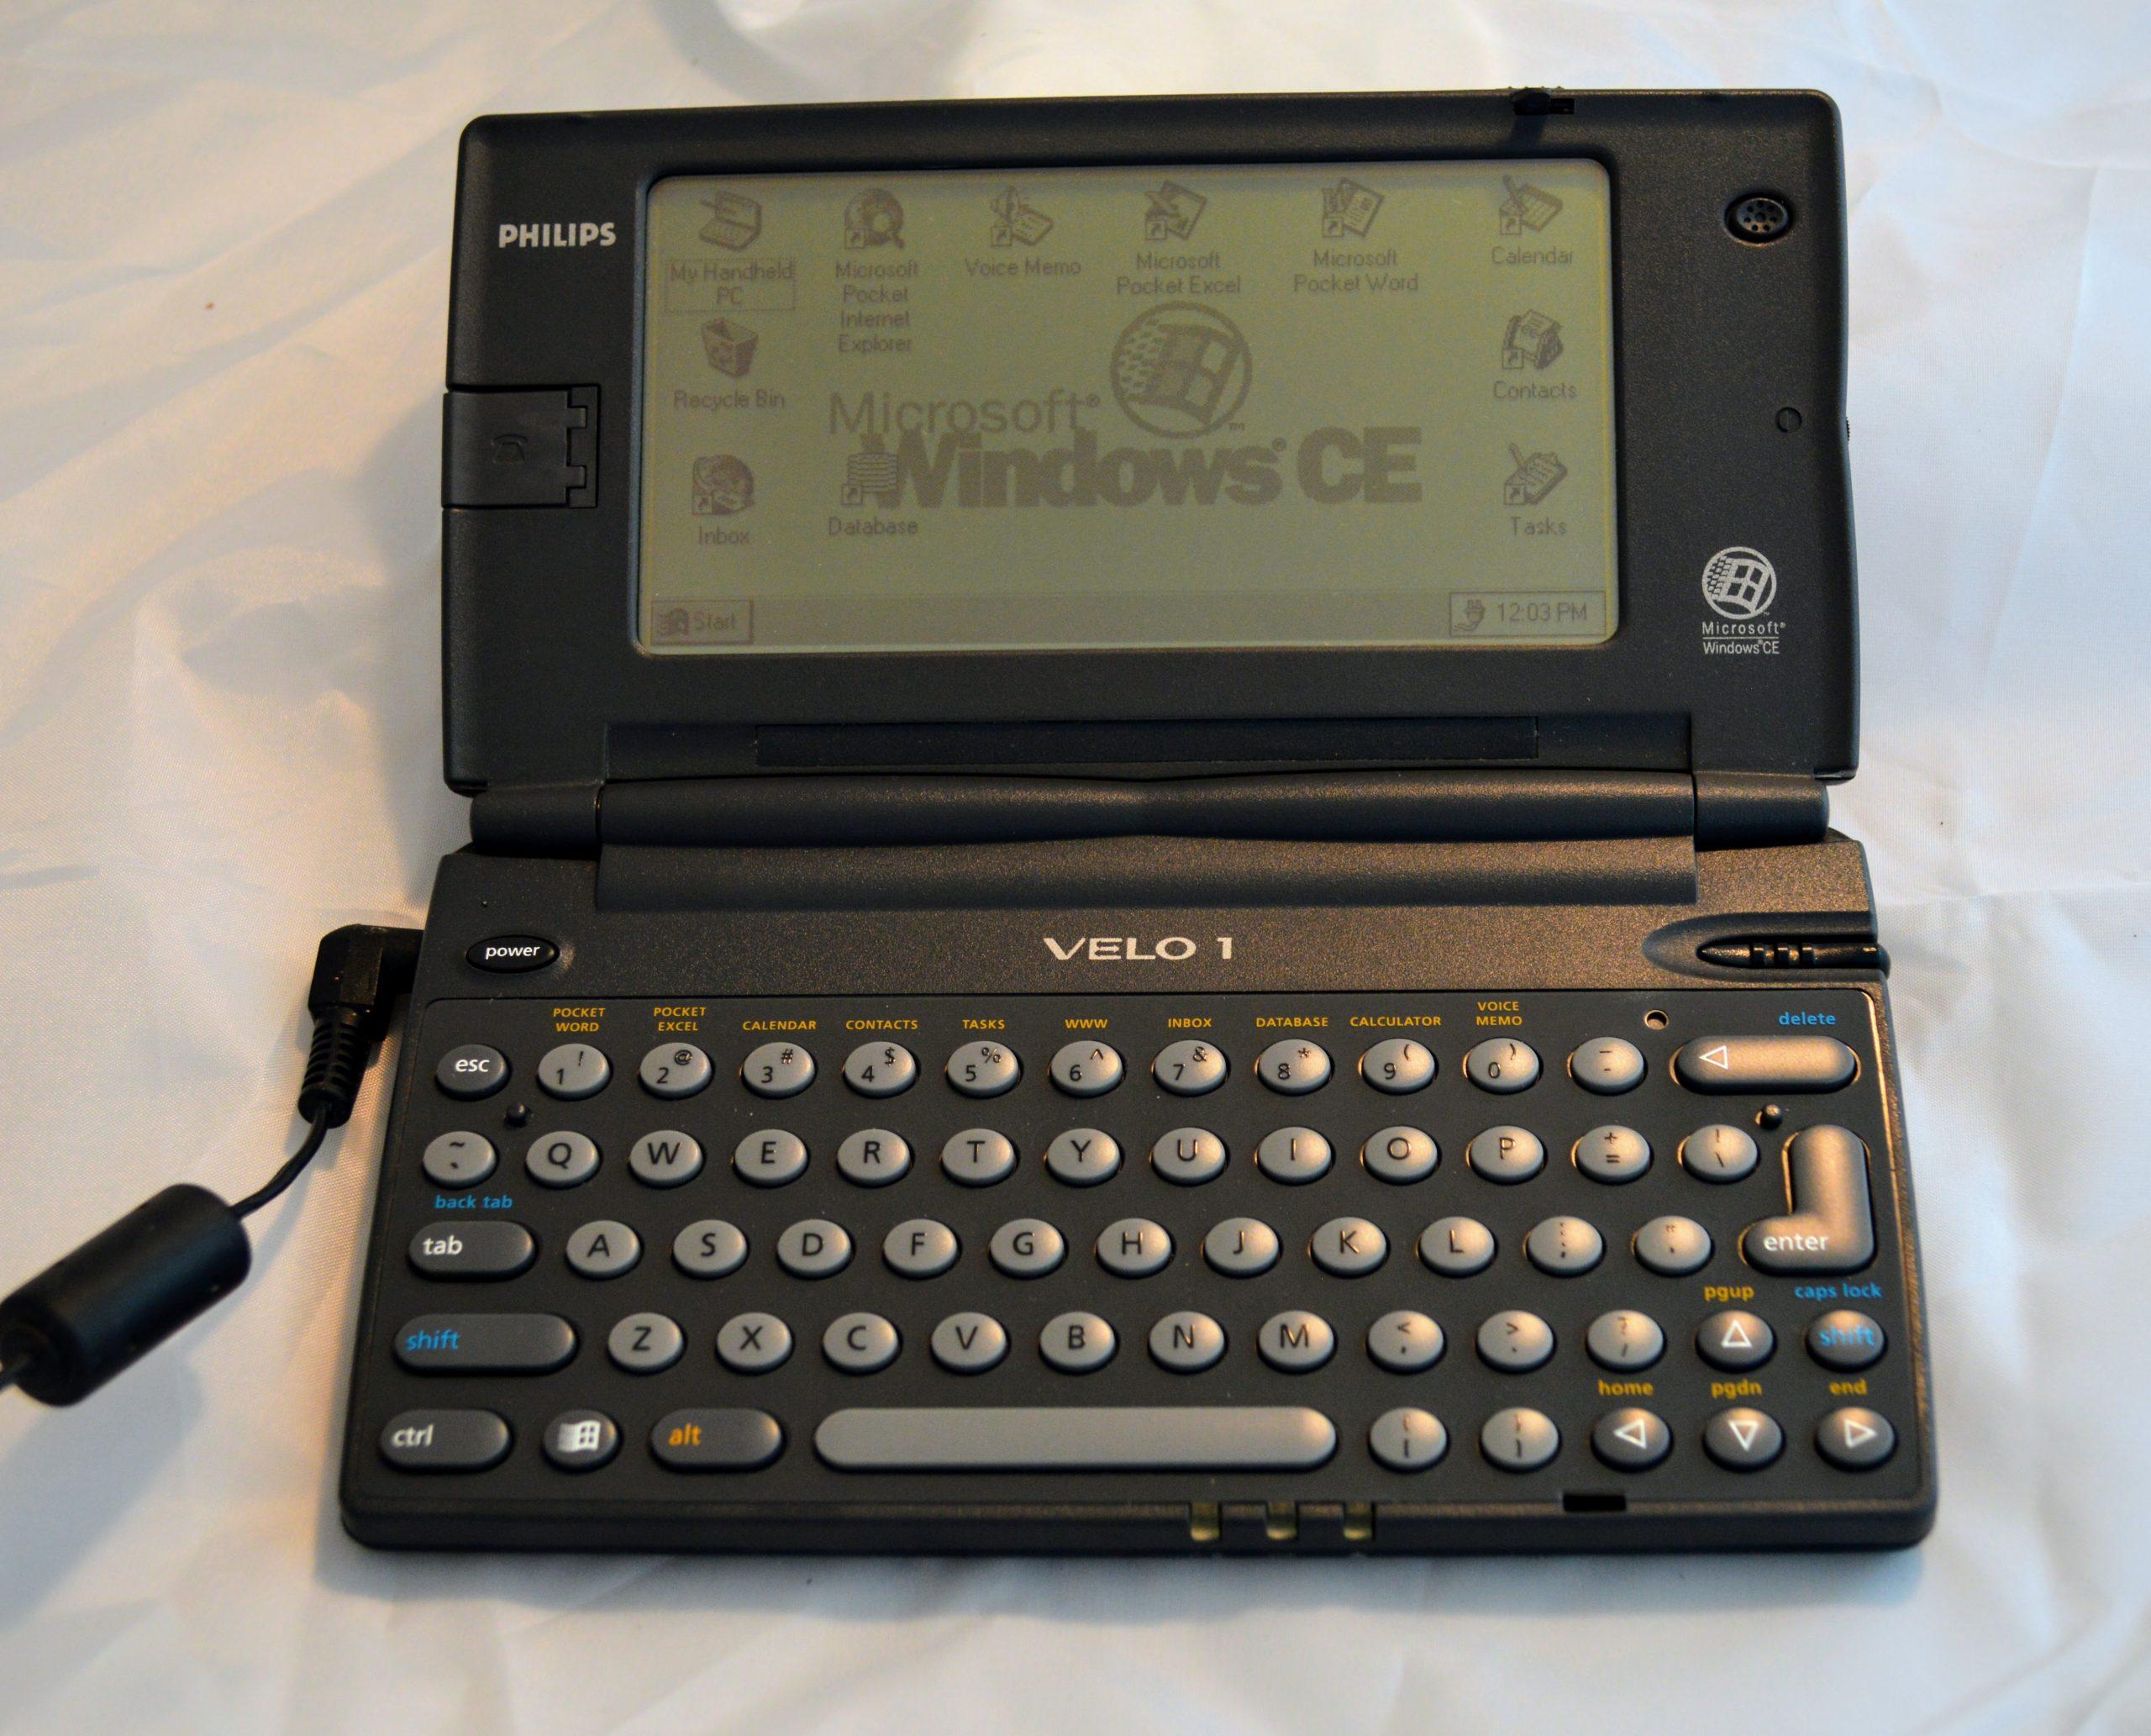 Philips Velo 1 handheld computer, powered on